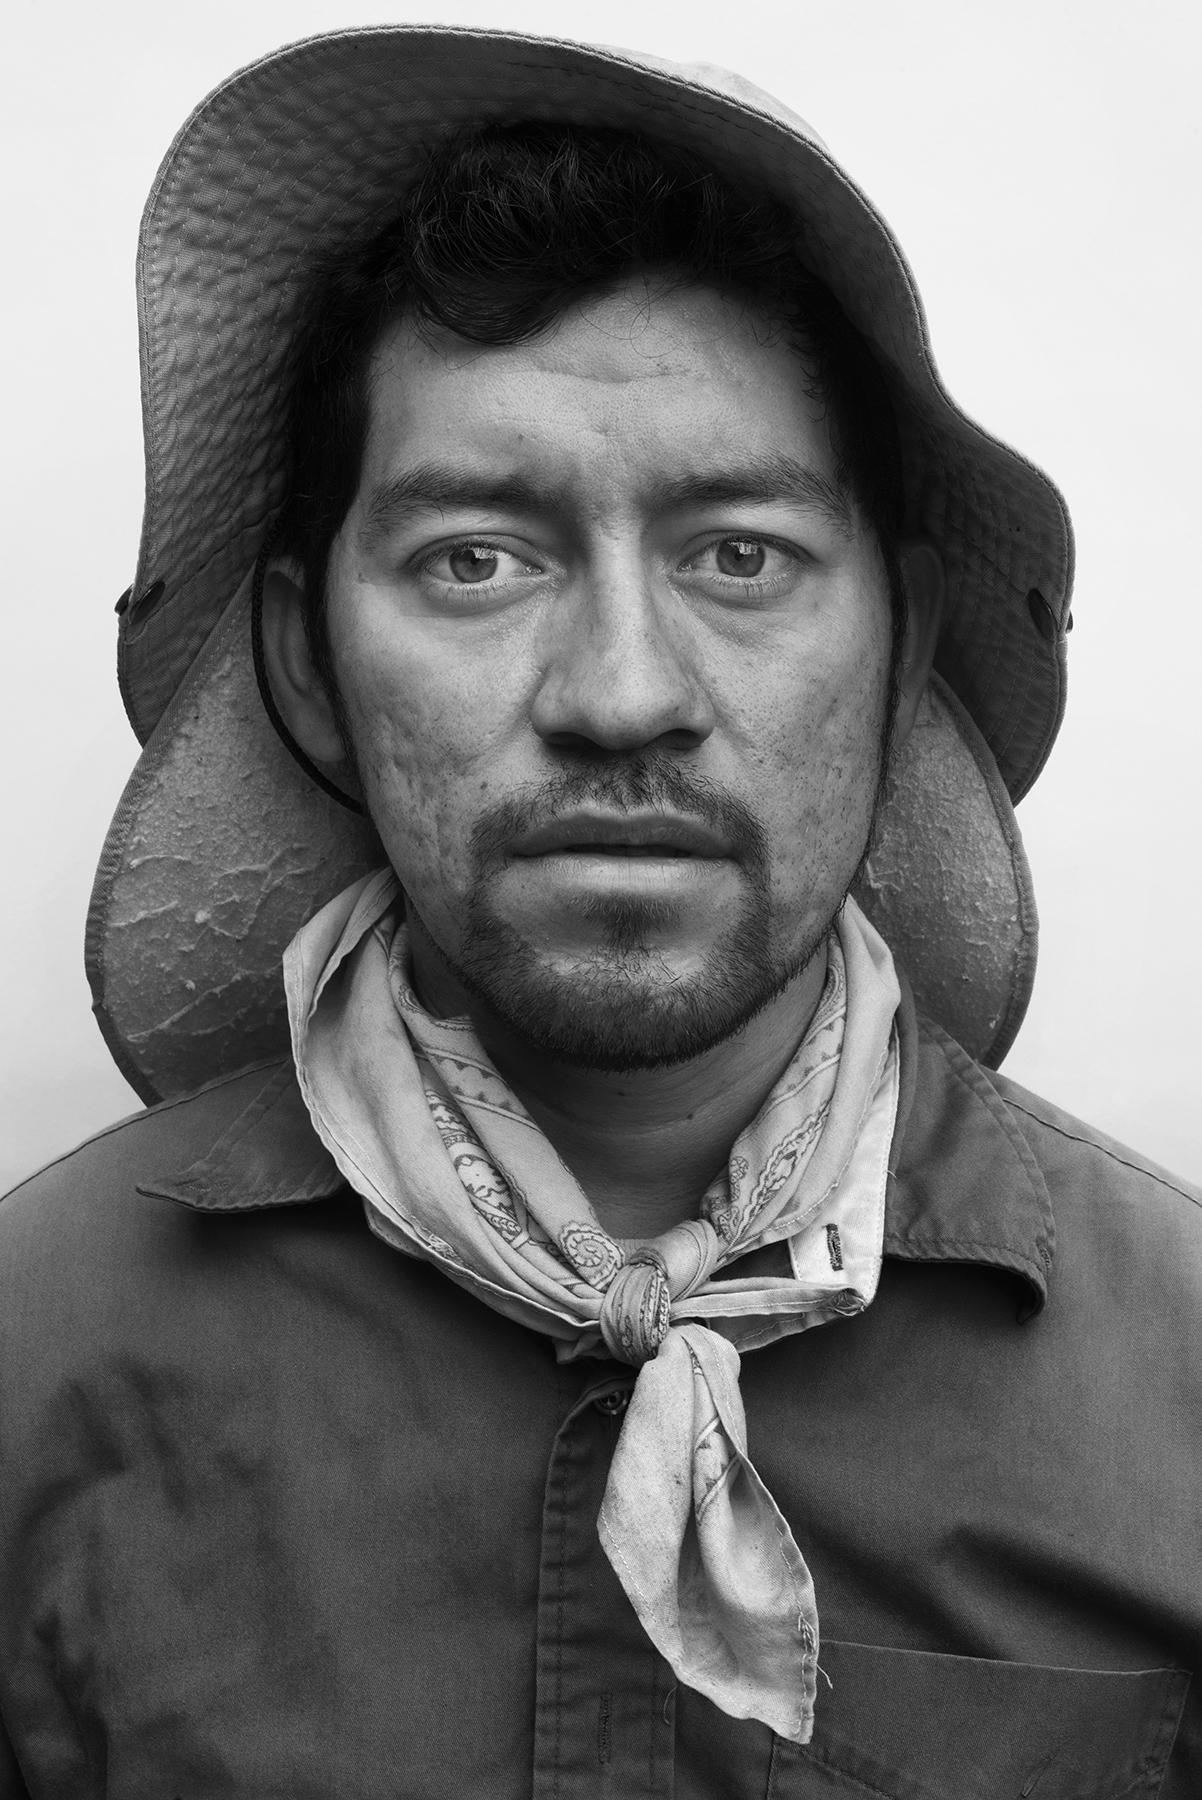 Luis Alberto, 30, Michoacán, Mexico.